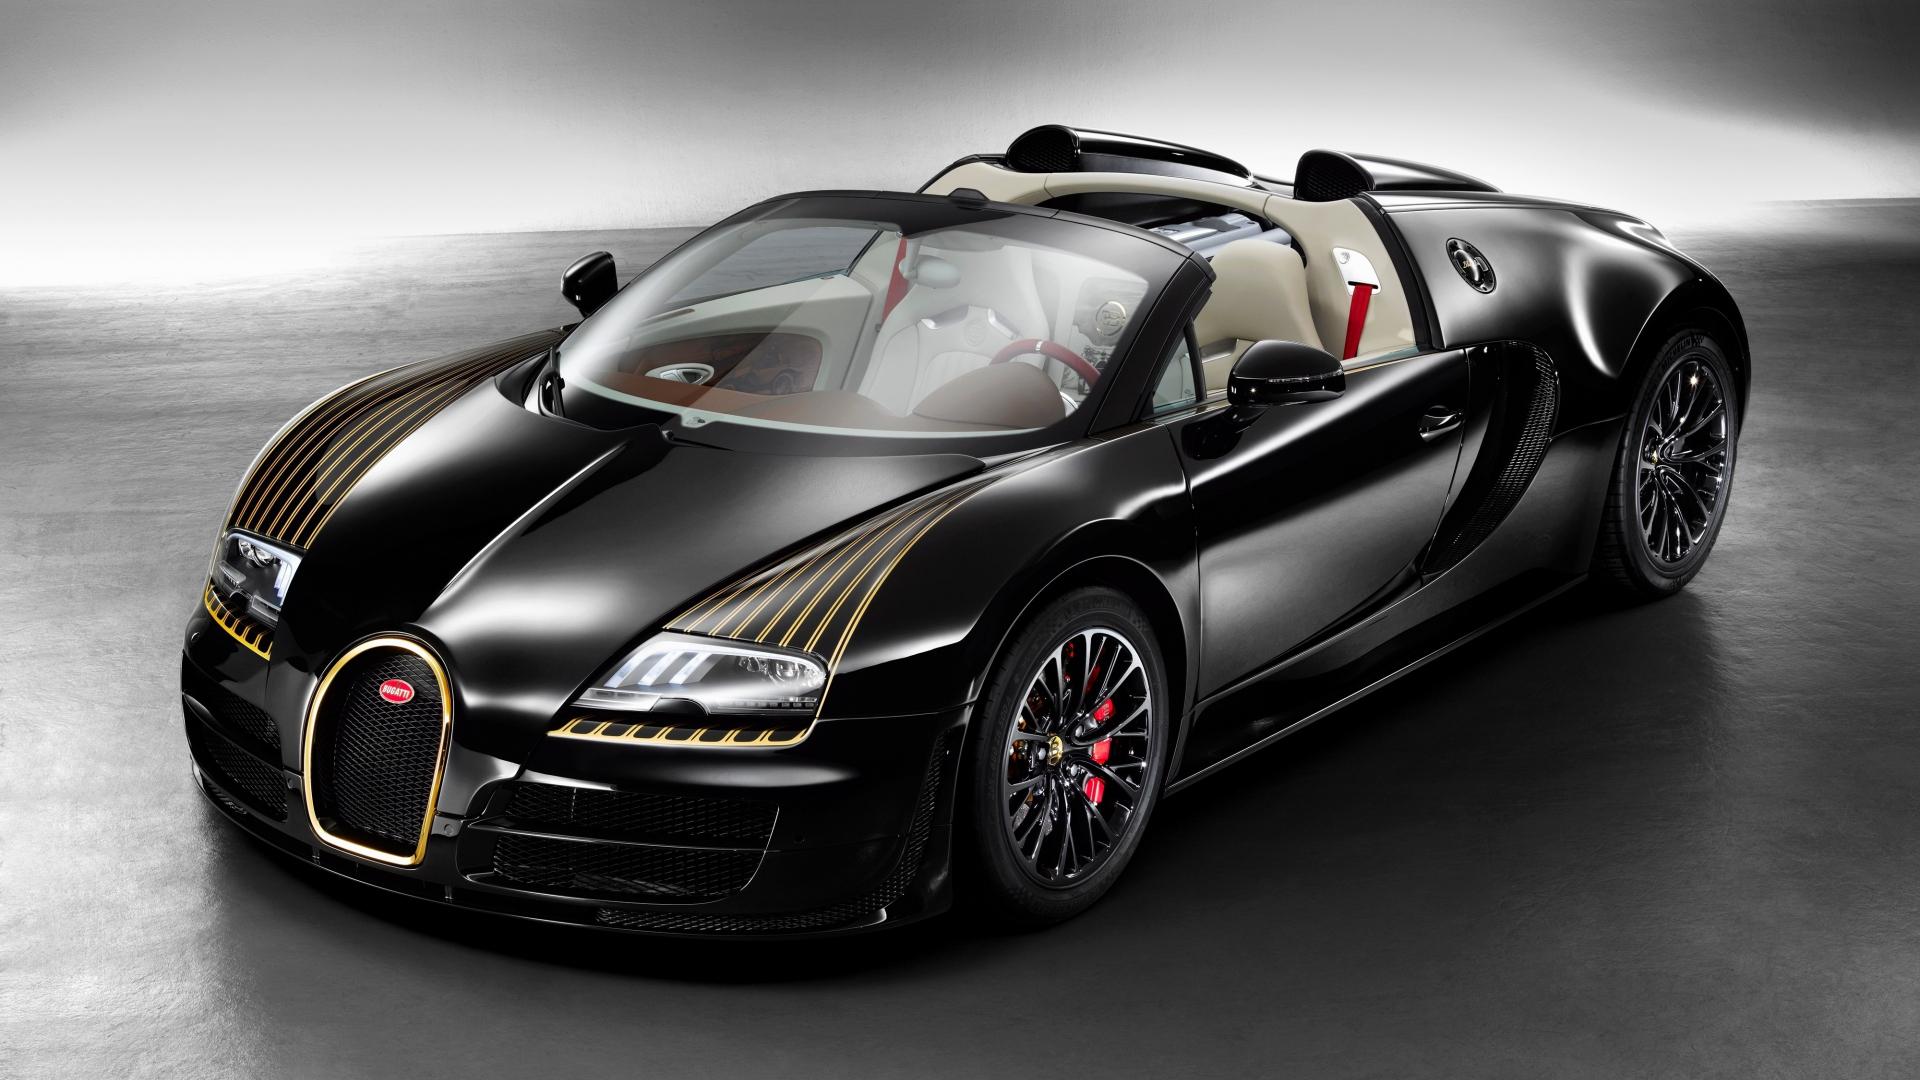 Download 1920x1080 Wallpaper Bugatti Veyron Supercar